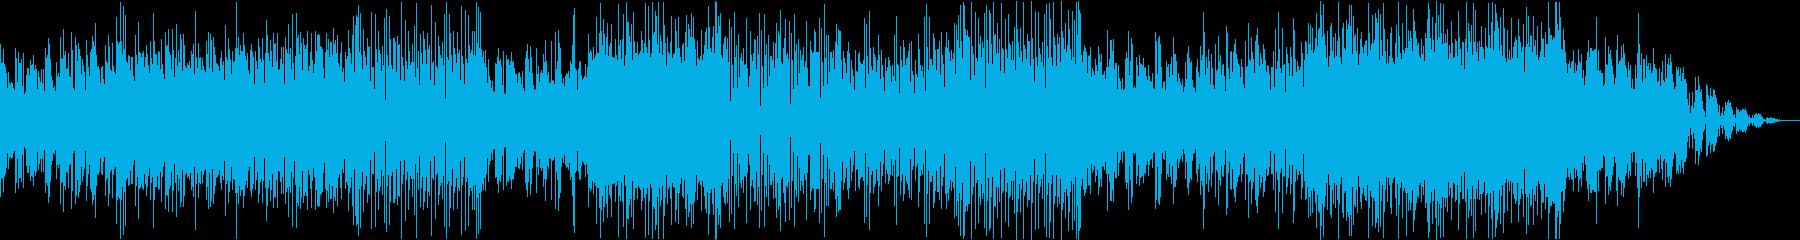 テクノ・ポップ 100BPMの再生済みの波形